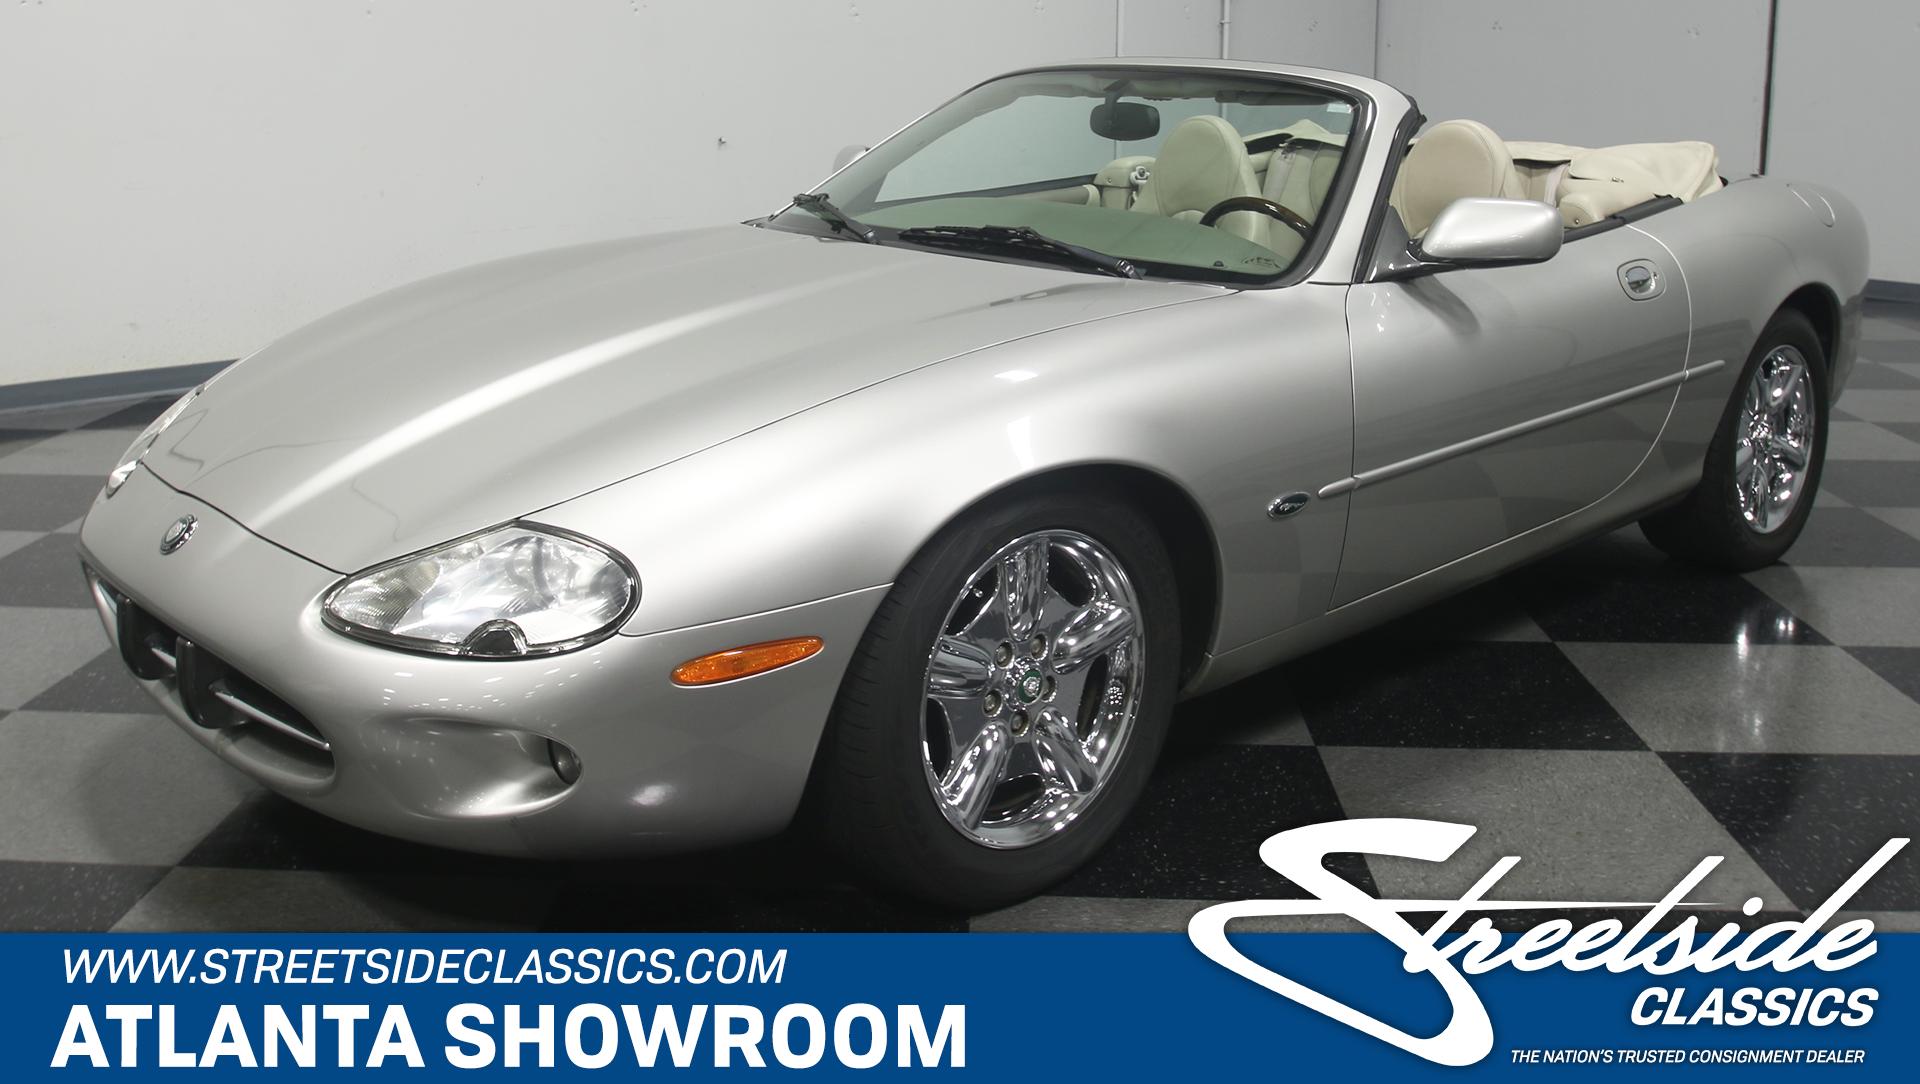 For Sale: 1999 Jaguar XK8. Spincar view. Play Video